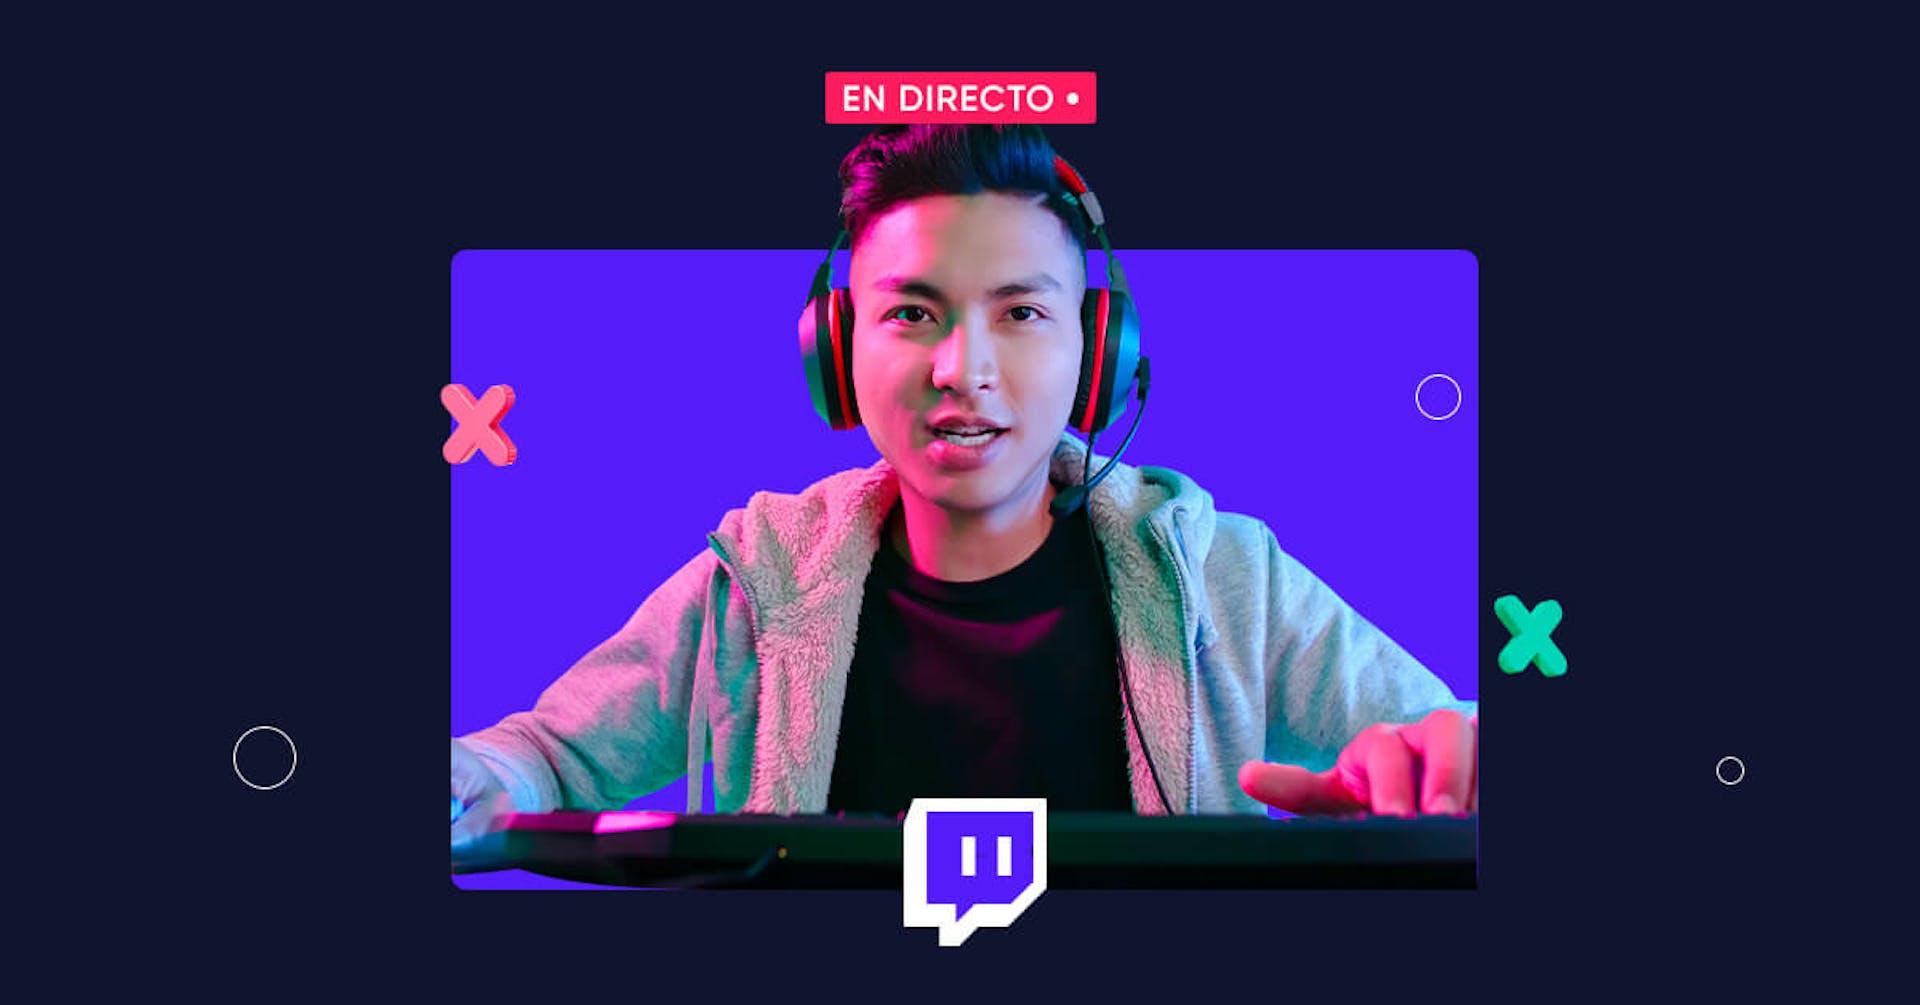 Con esta guía sobre Twitch aprenderás a transmitir en vivo para conquistar la cima de los streamings en 2021